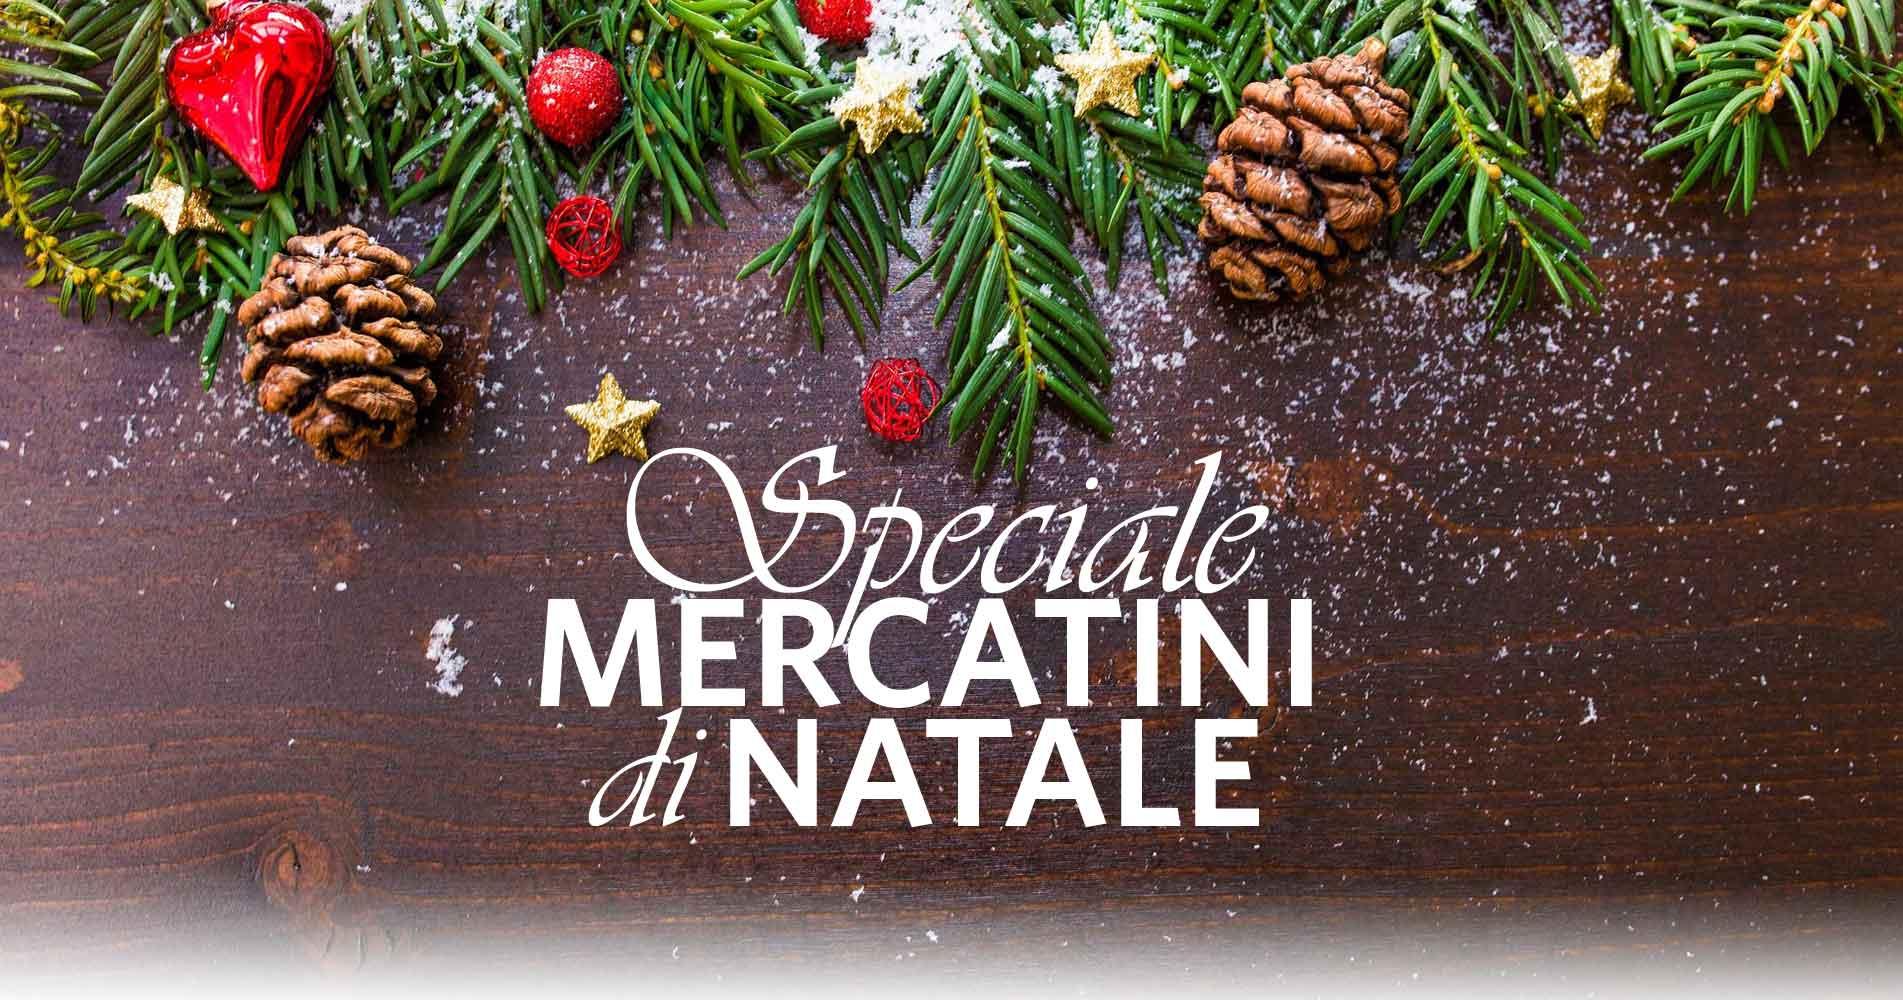 Mercatini di Natale Breaktime Riva del Garda